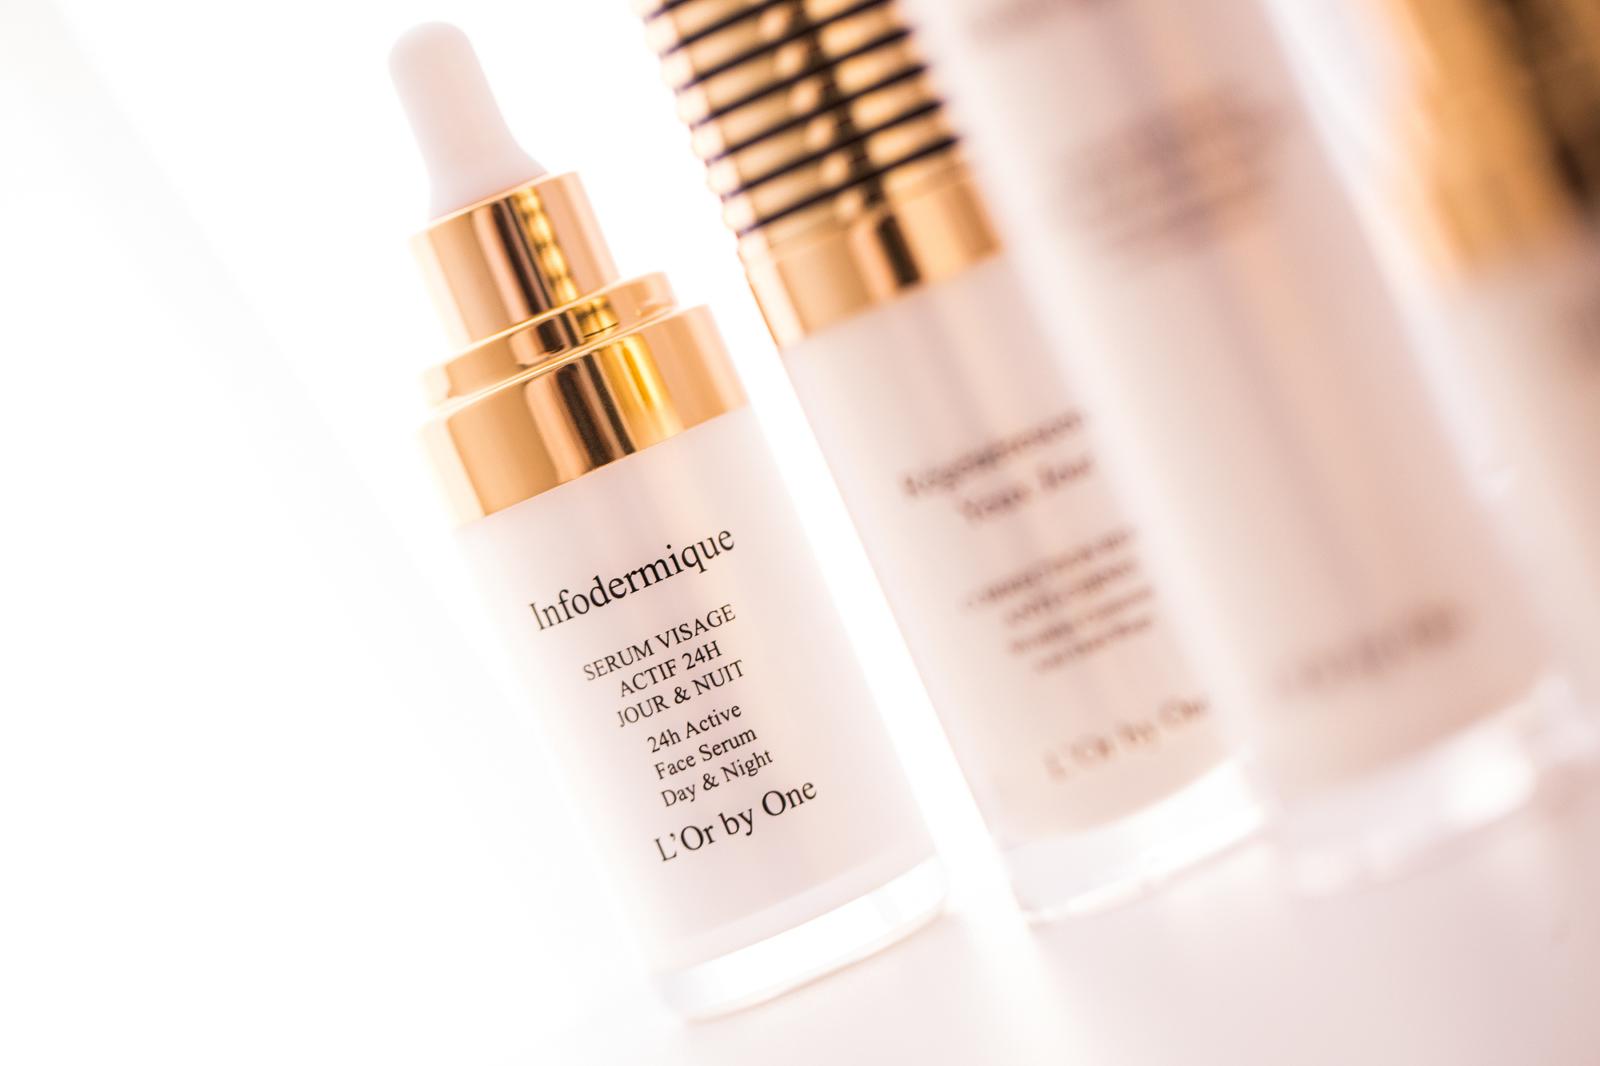 Parfum - Gaël DELAITE Photographie - produit cosmétique - photographe Draguignan